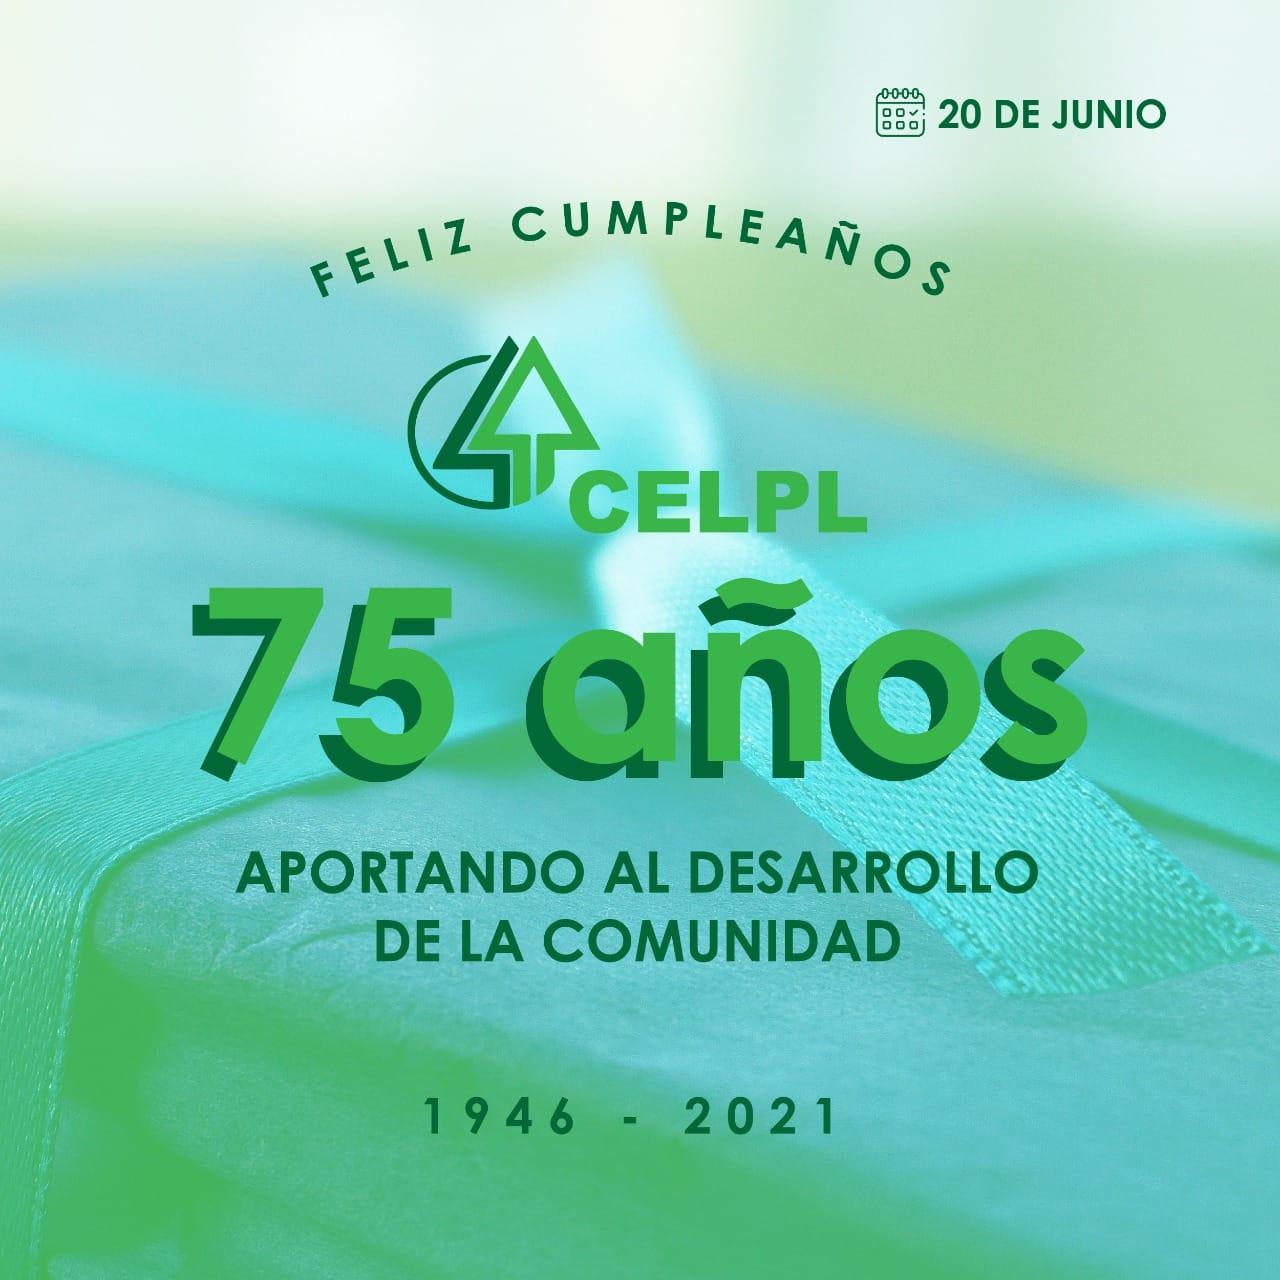 celpl 75